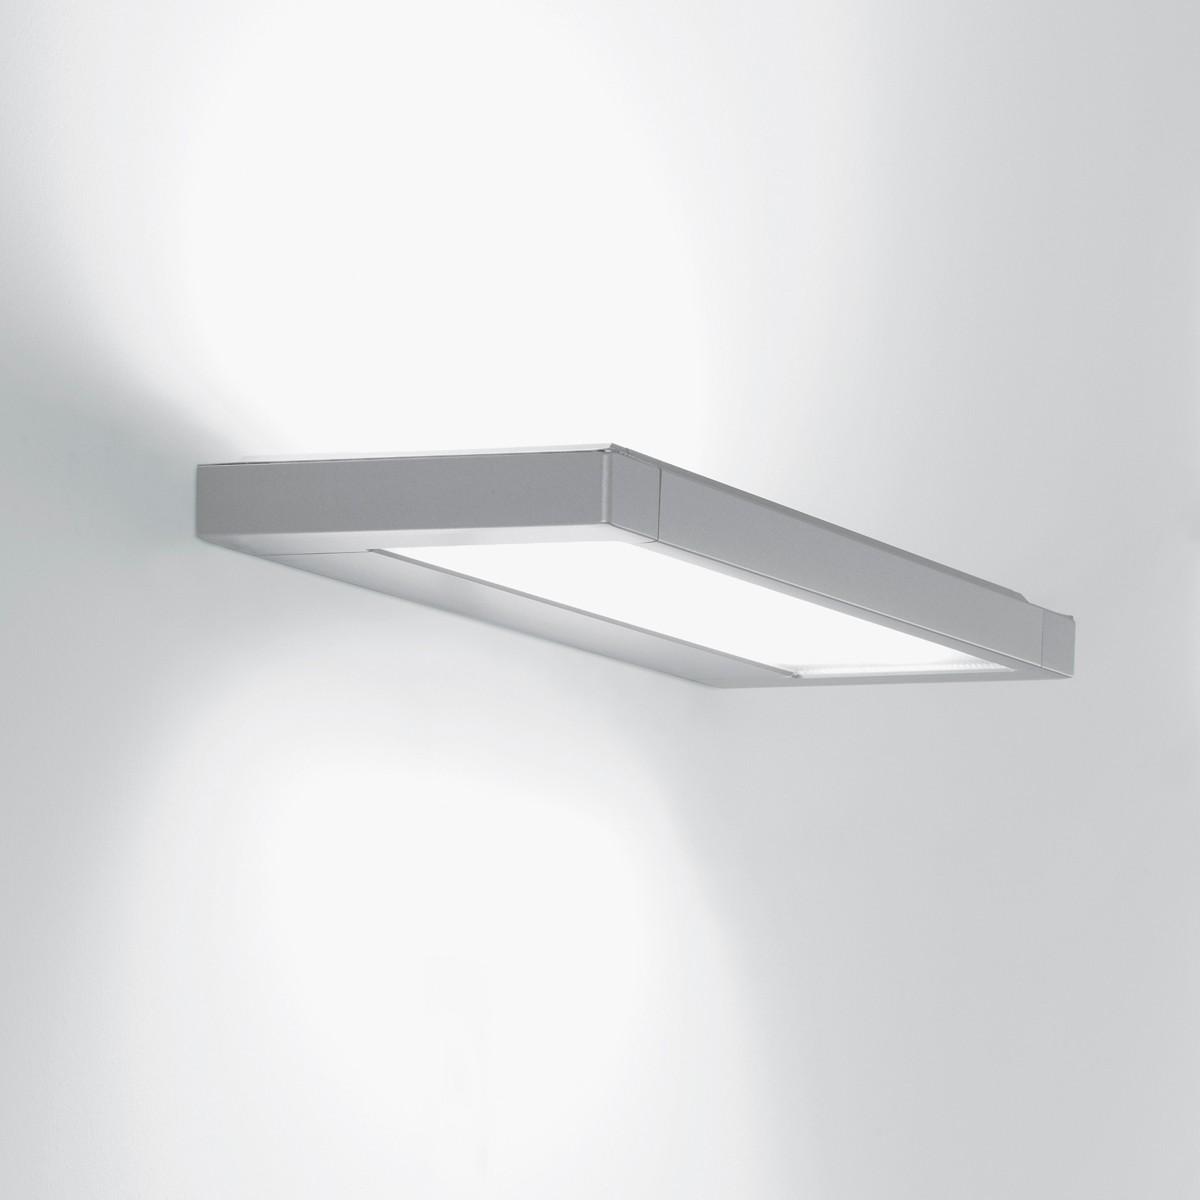 Belux Flat Wandleuchte, Breite: 63,5 cm, Aluminium